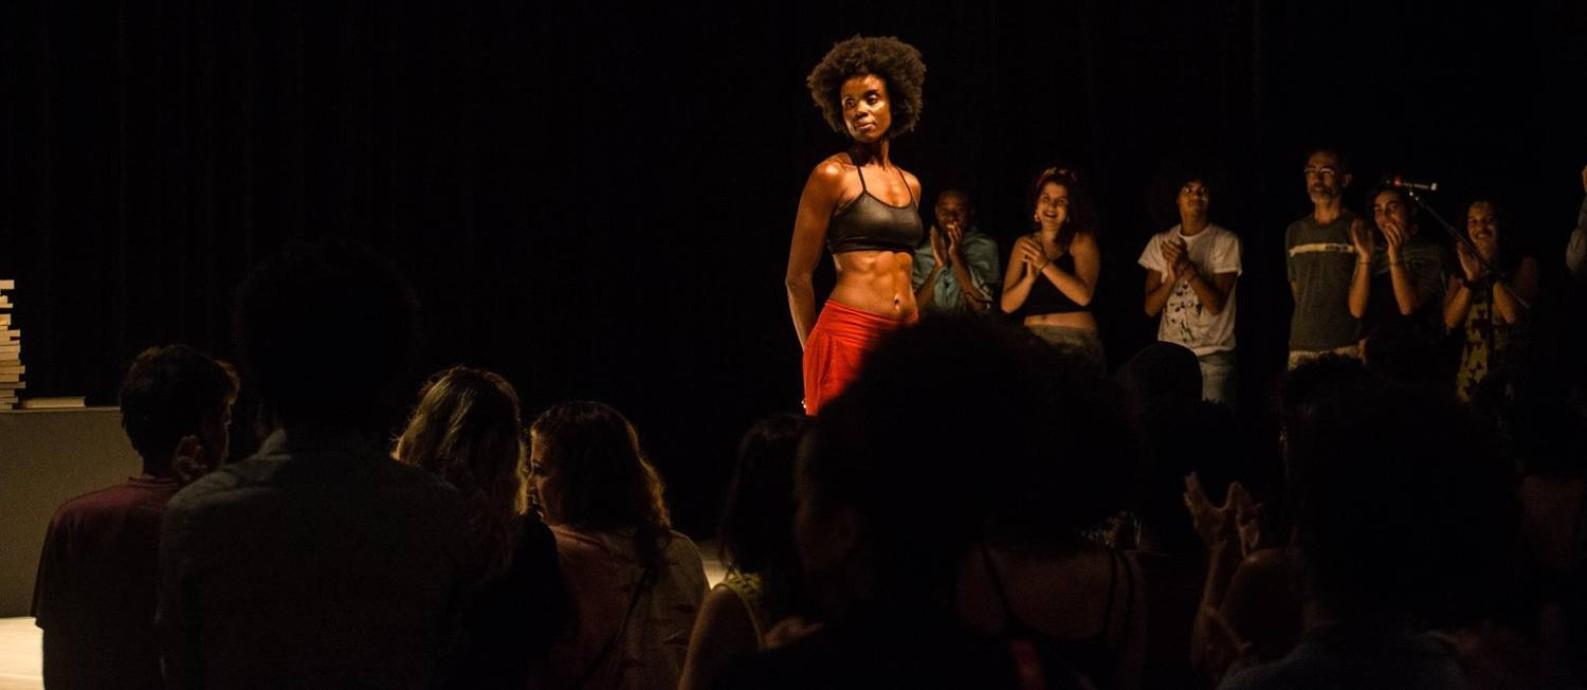 Luciane Ramos-Silva, em cena de 'Olhos nas costas e um riso irônico no canto da boca' Foto: Dayse Serena / Divulgação